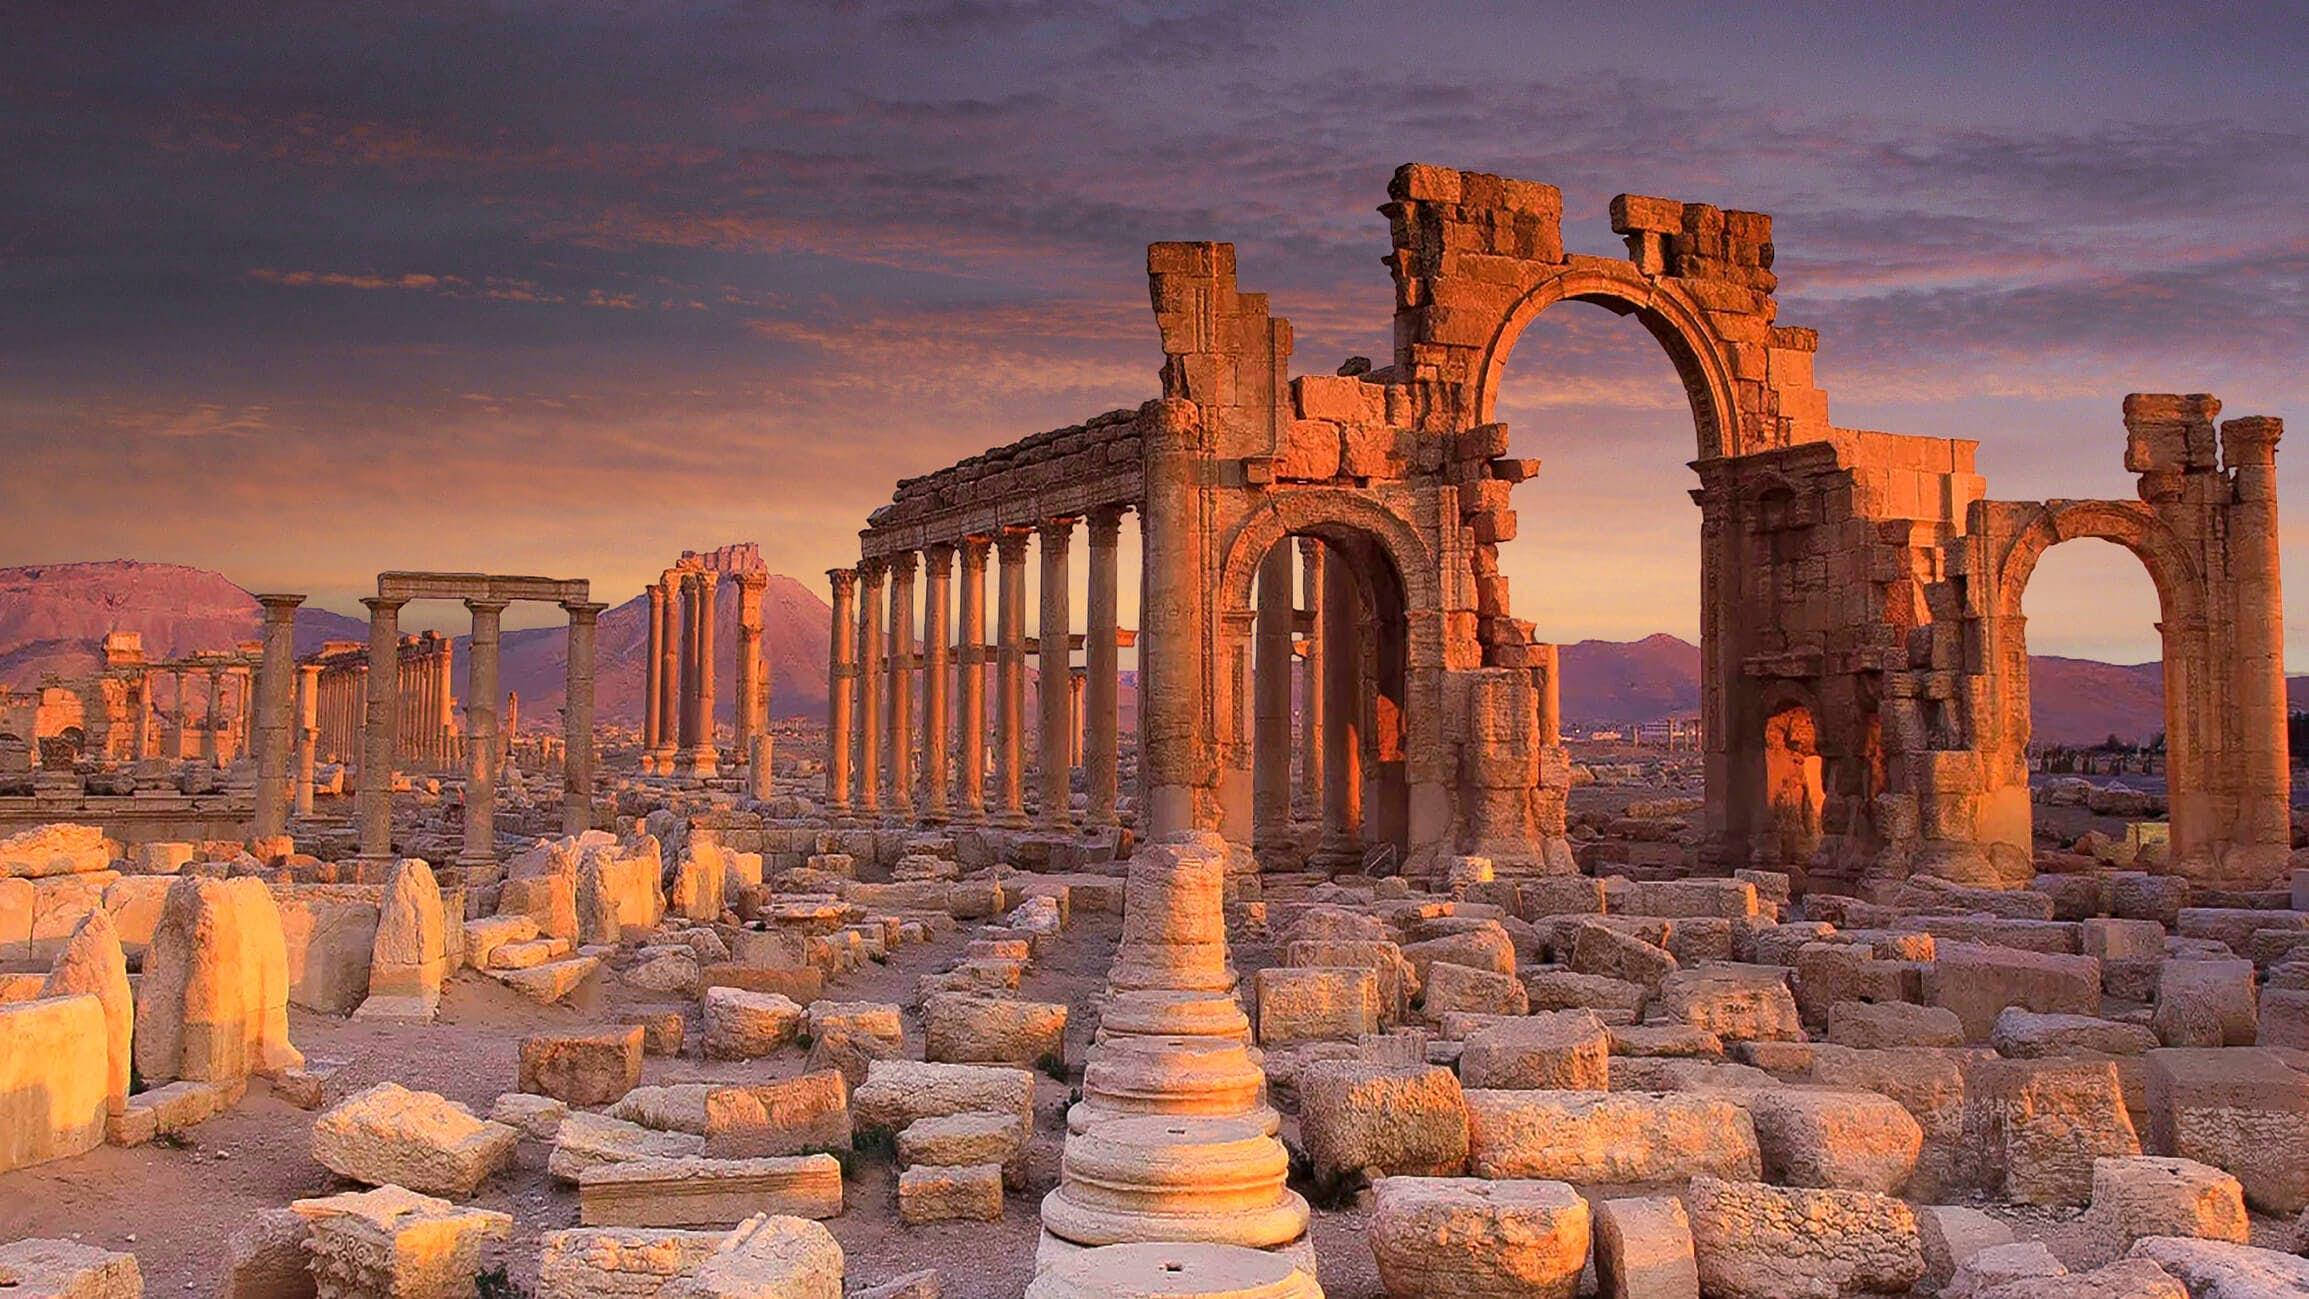 مدينة تدمر: لمحة تاريخية - حقائق تاريخية حول مدينة تدمر القديمة - متى أُدرجت المدينة في قائمة اليونسكو للتراث العالمي - الإمبراطور الروماني أورليان